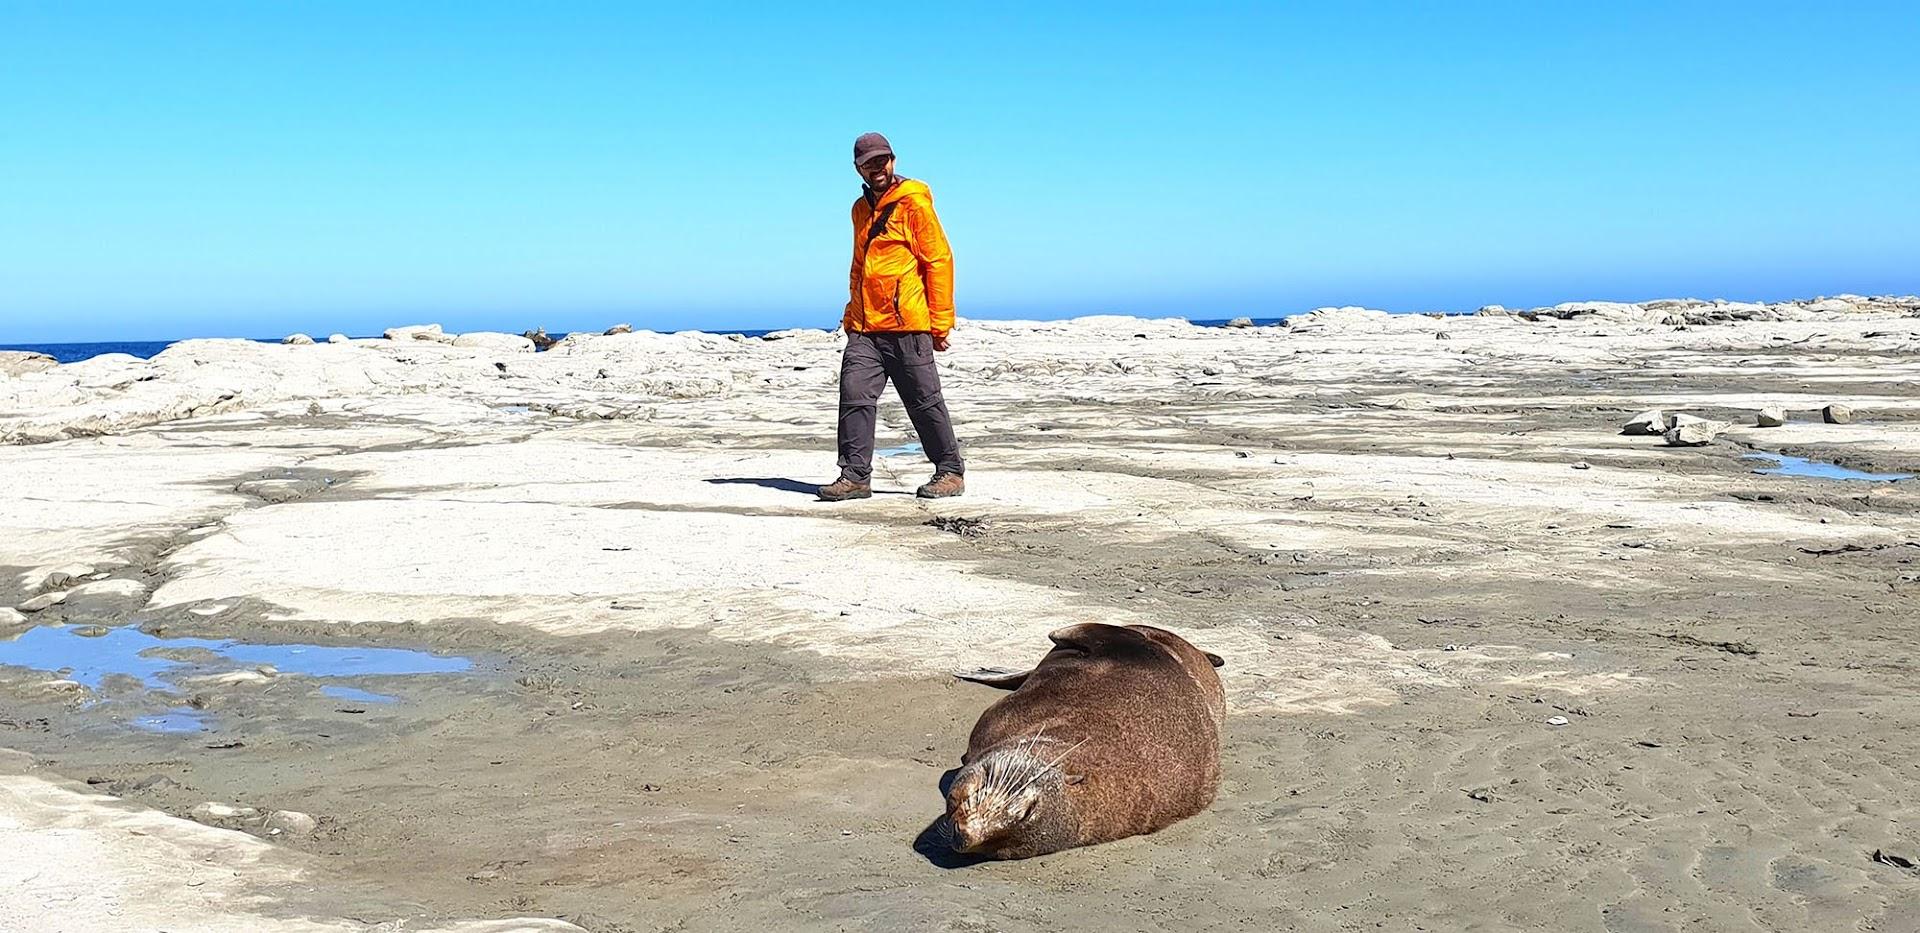 VISITAR KAIKOURA, a capital de observação de baleias da Nova Zelândia